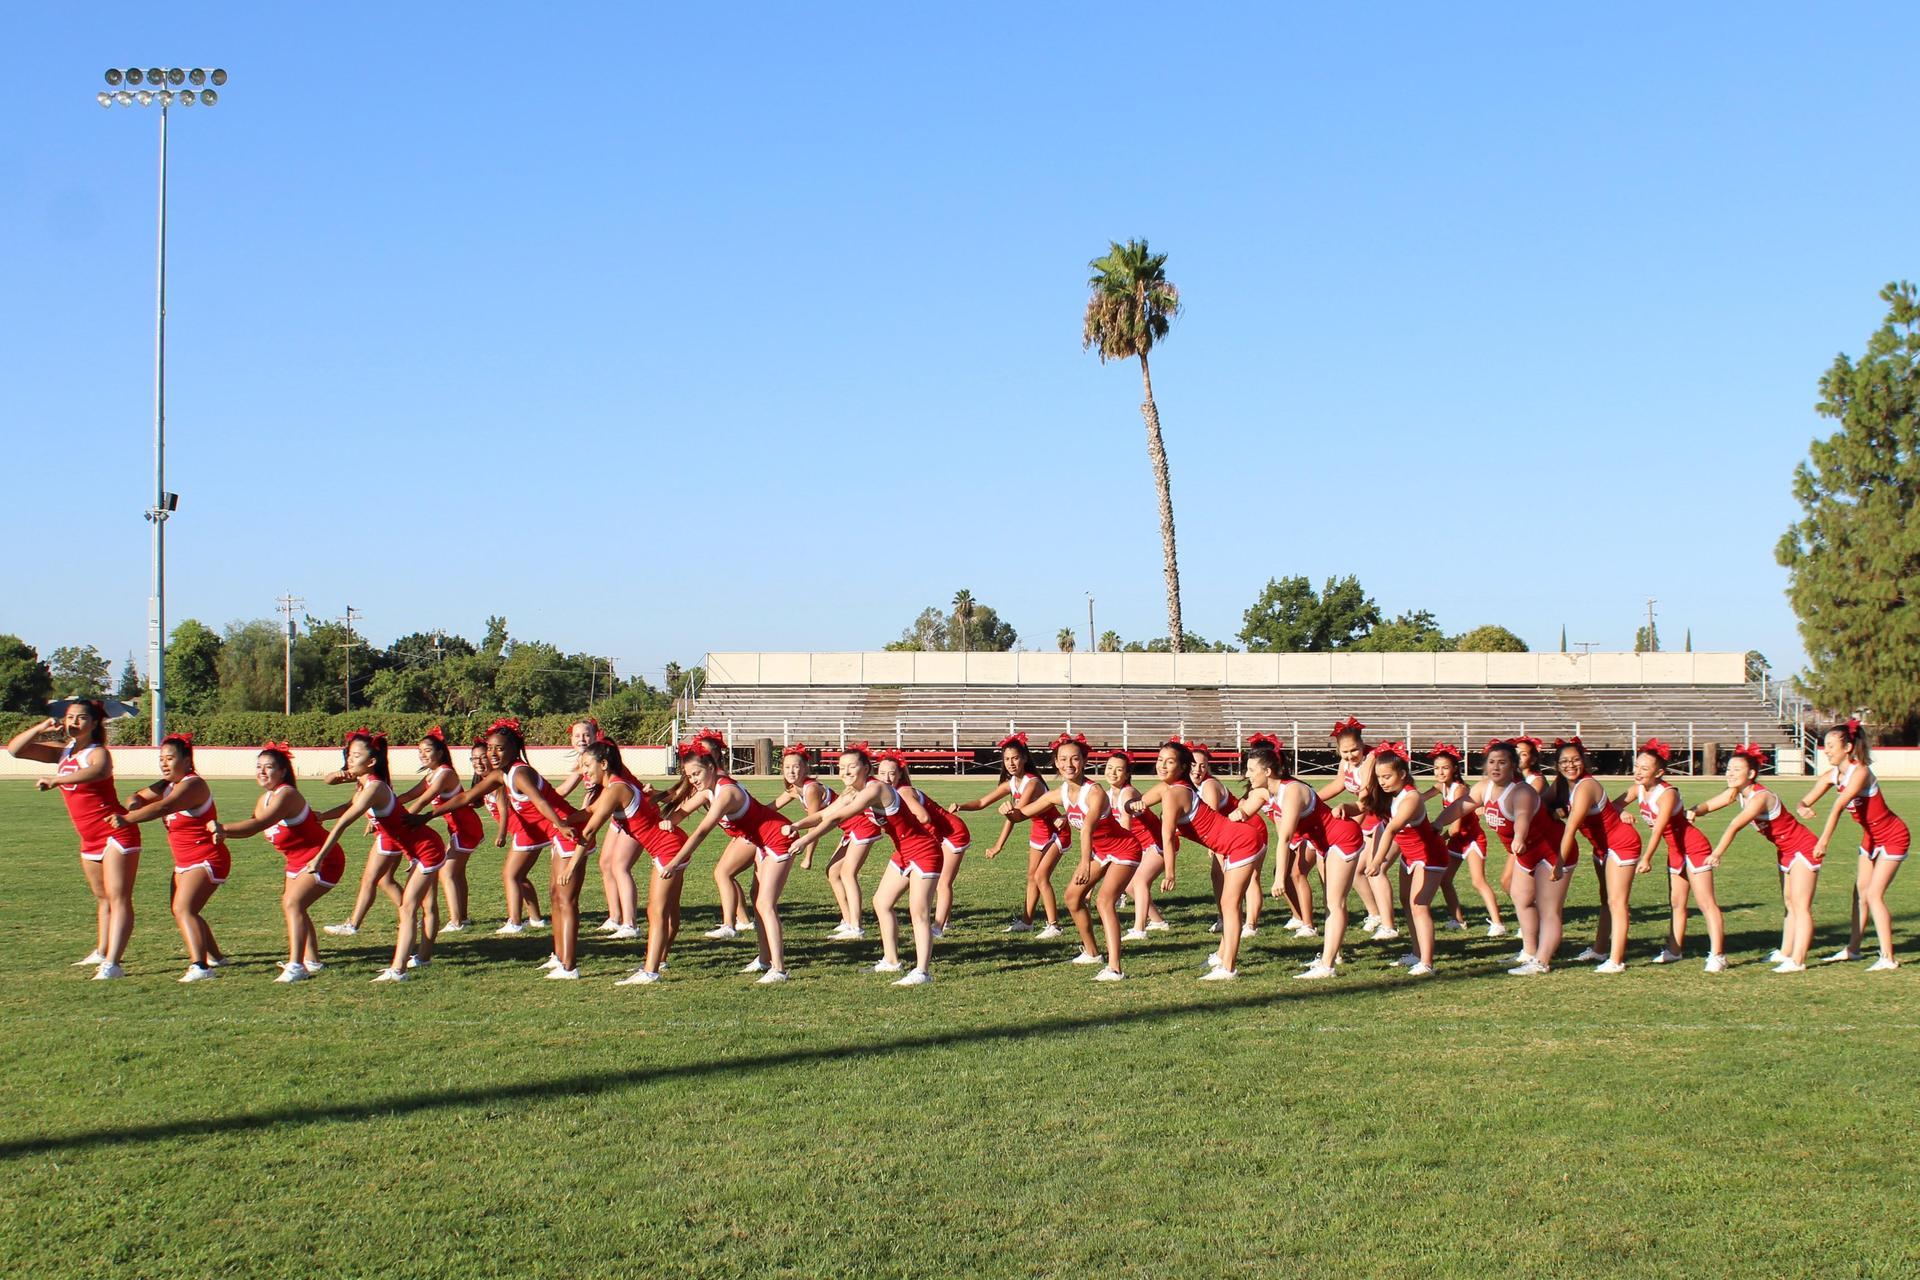 cheerleaders performing the routine